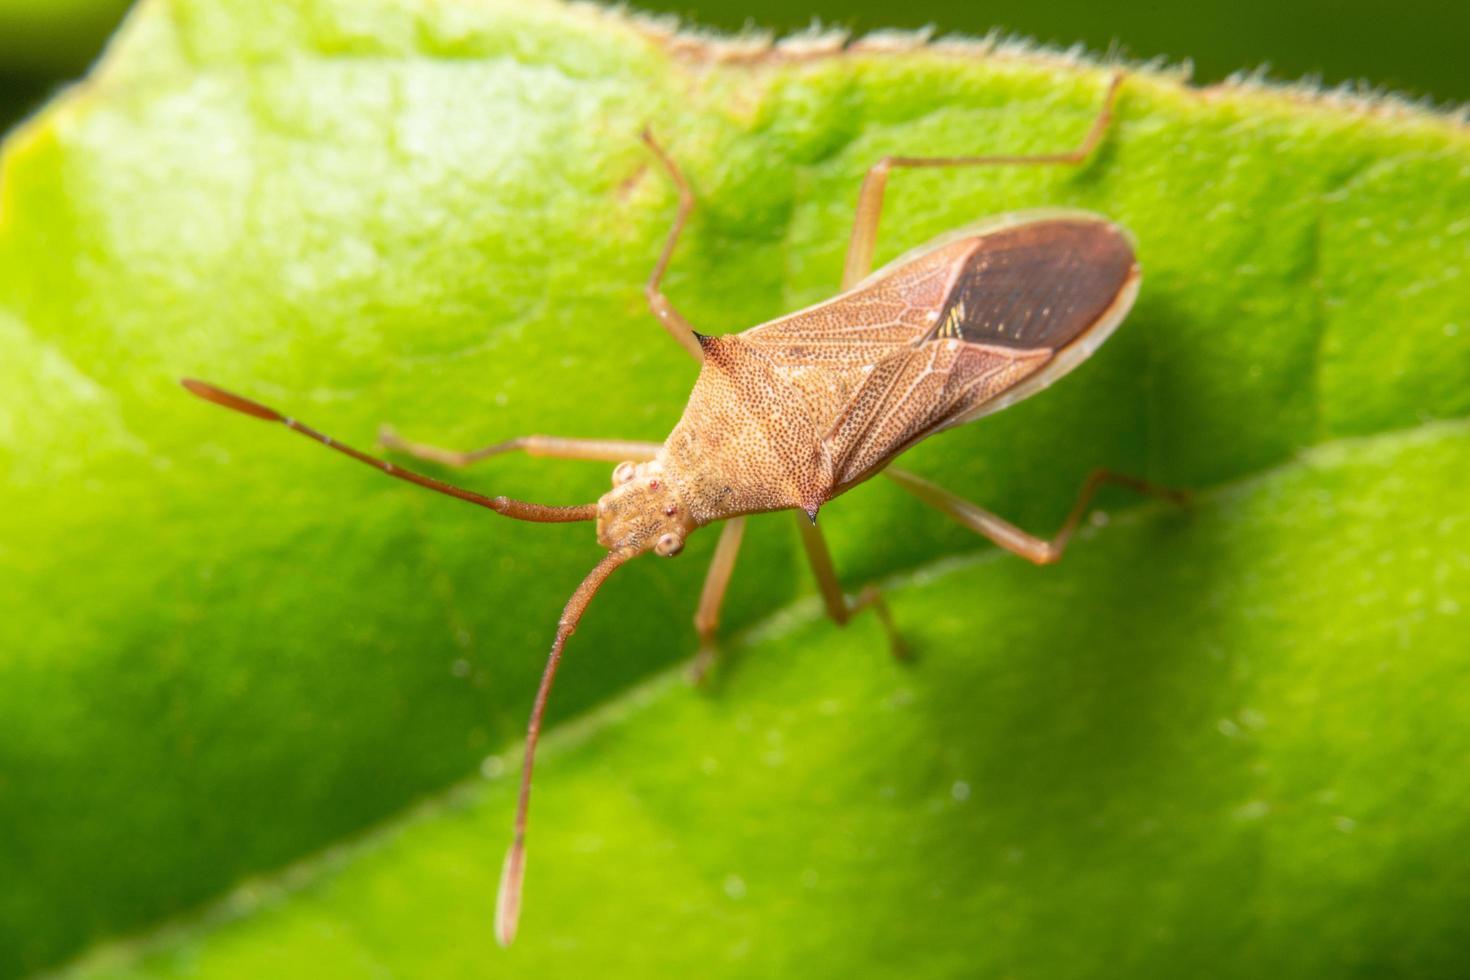 insetto su una foglia verde, macro foto